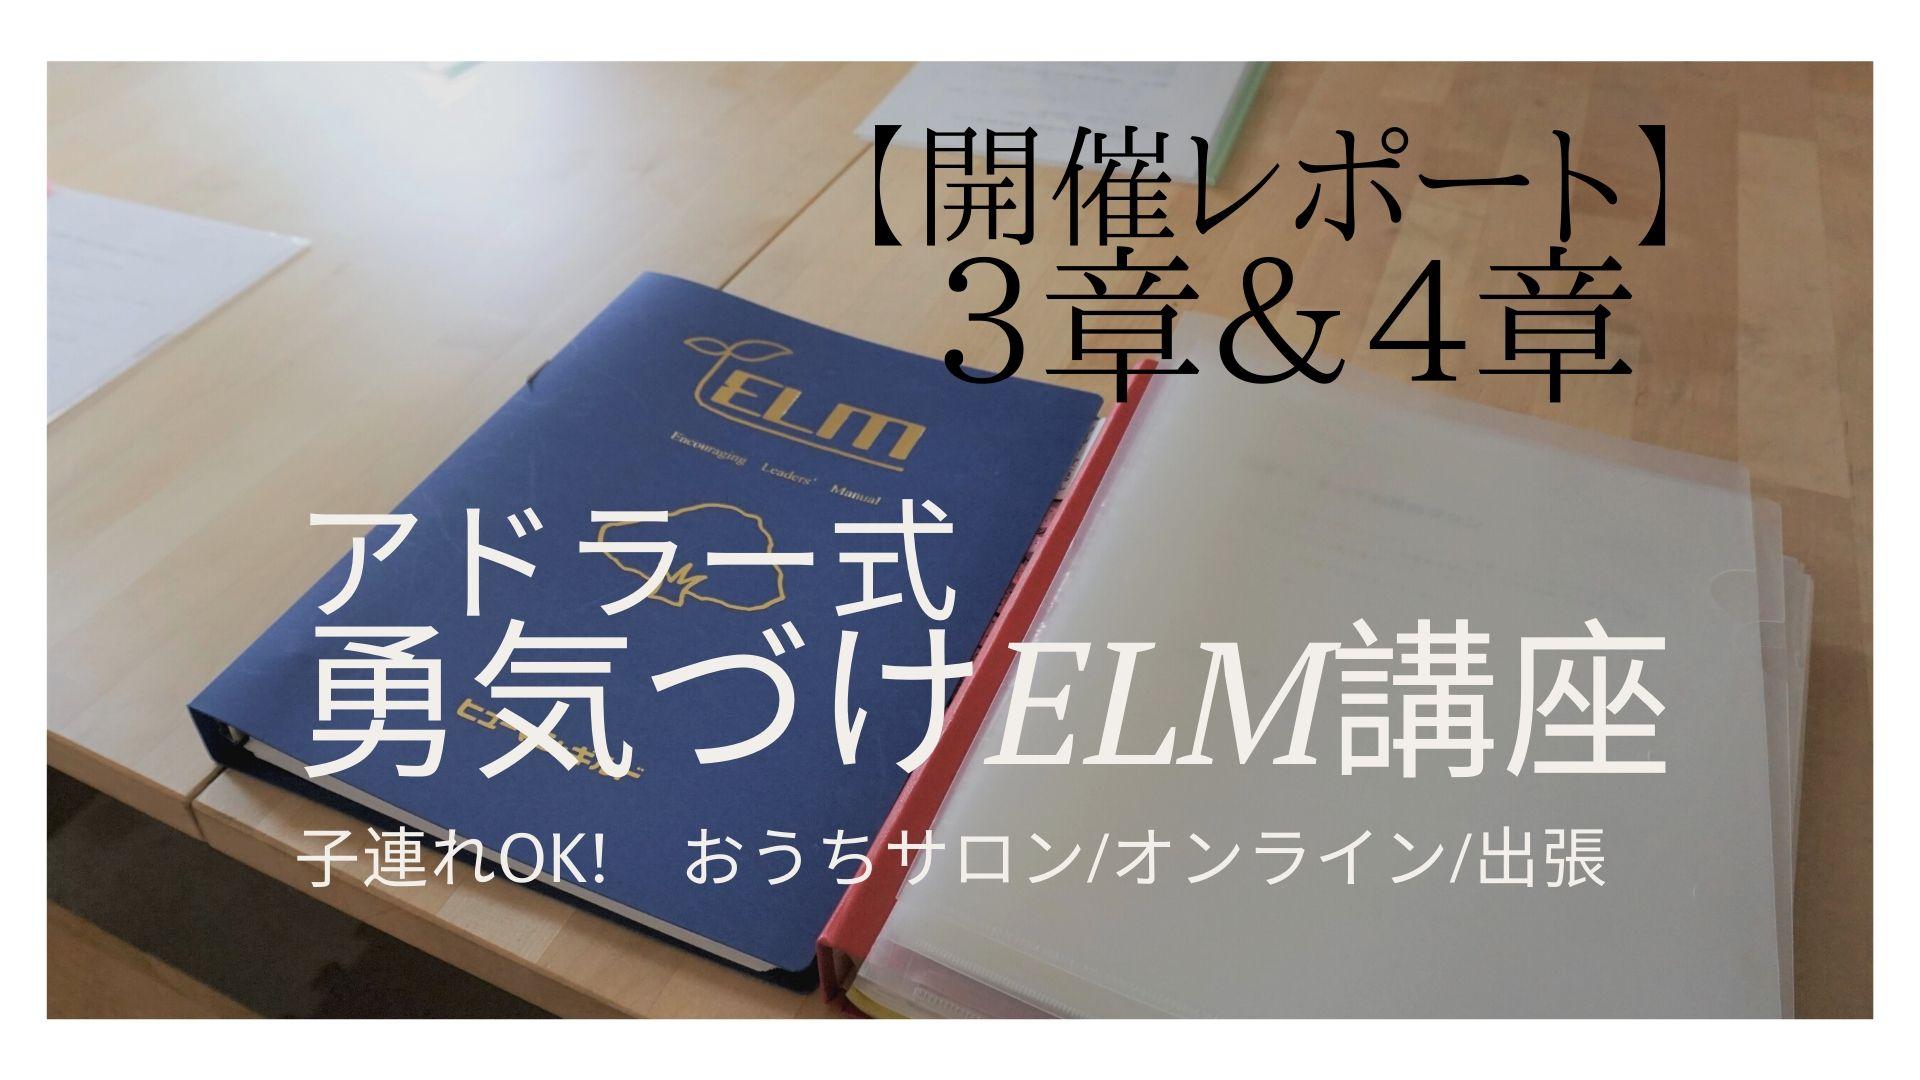 勇気づけELM講座開催レポート3章&4章